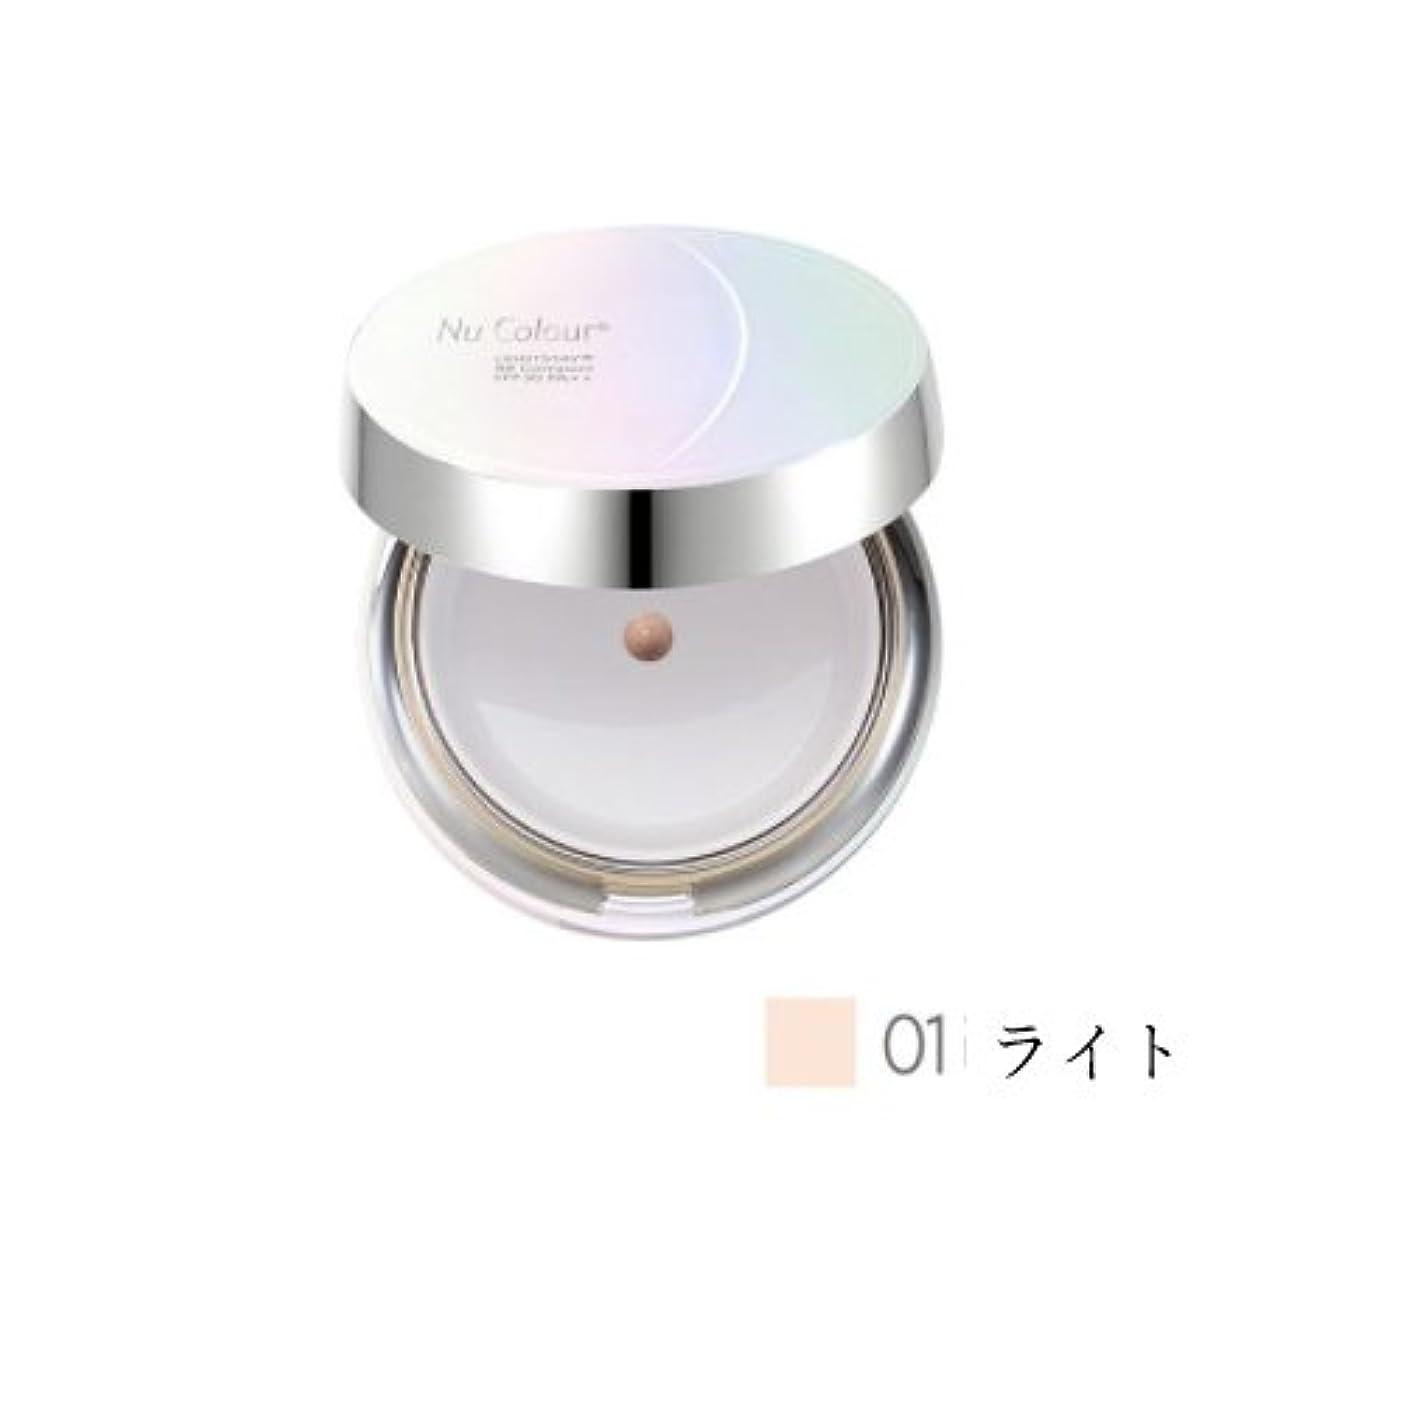 物理的なコピー終わったニュースキン ライトステイビビコンパクトSPF30 PA++01ライト BB Compact 01 Light [並行輸入品]